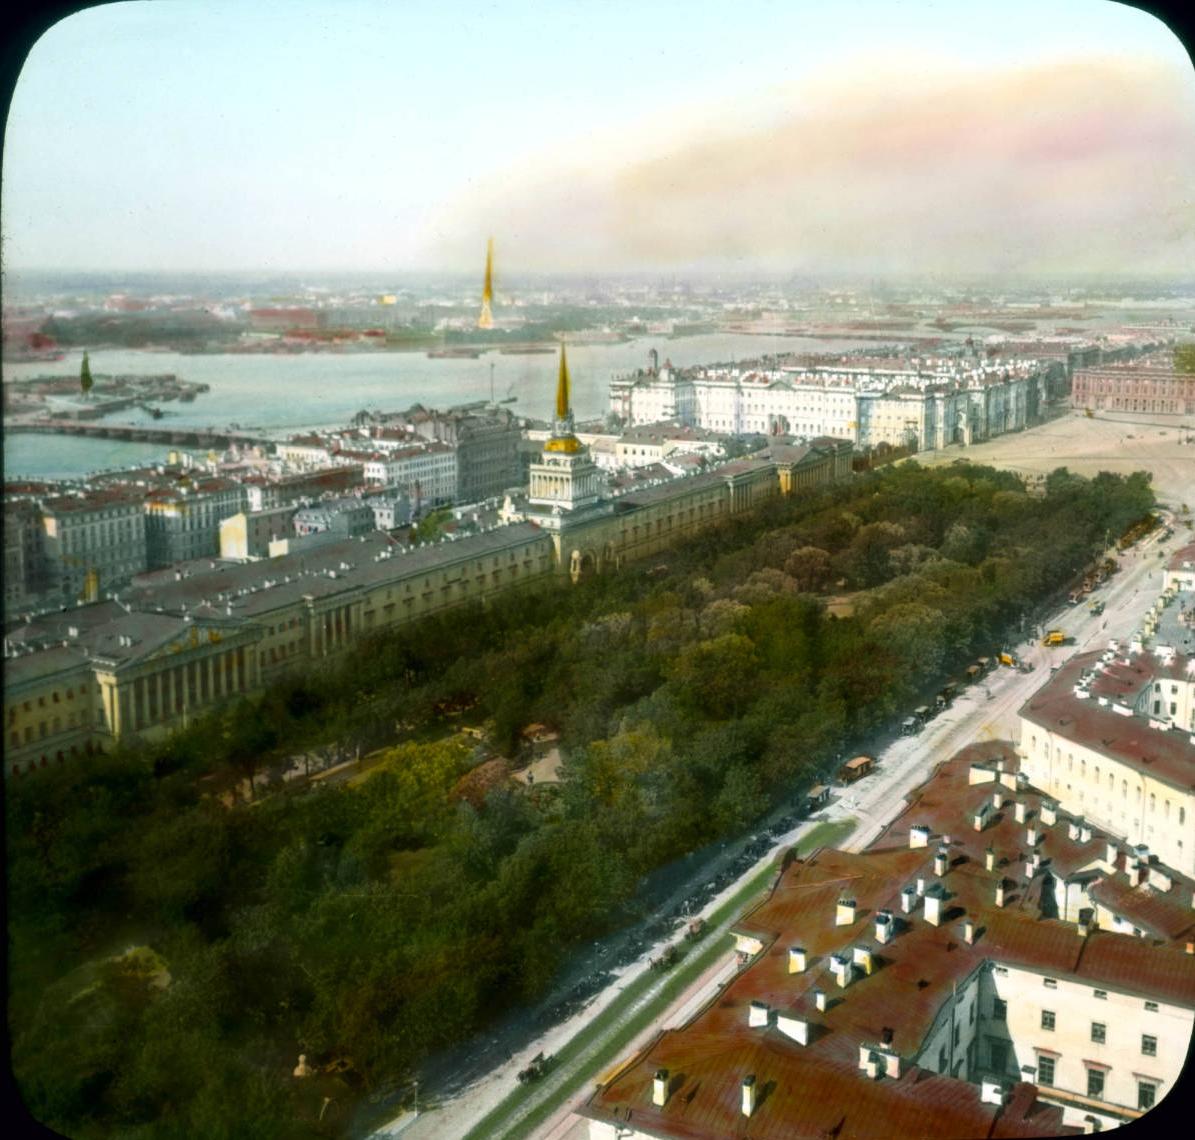 Санкт-Петербург. Панорамный вид с Исаакиевского собора